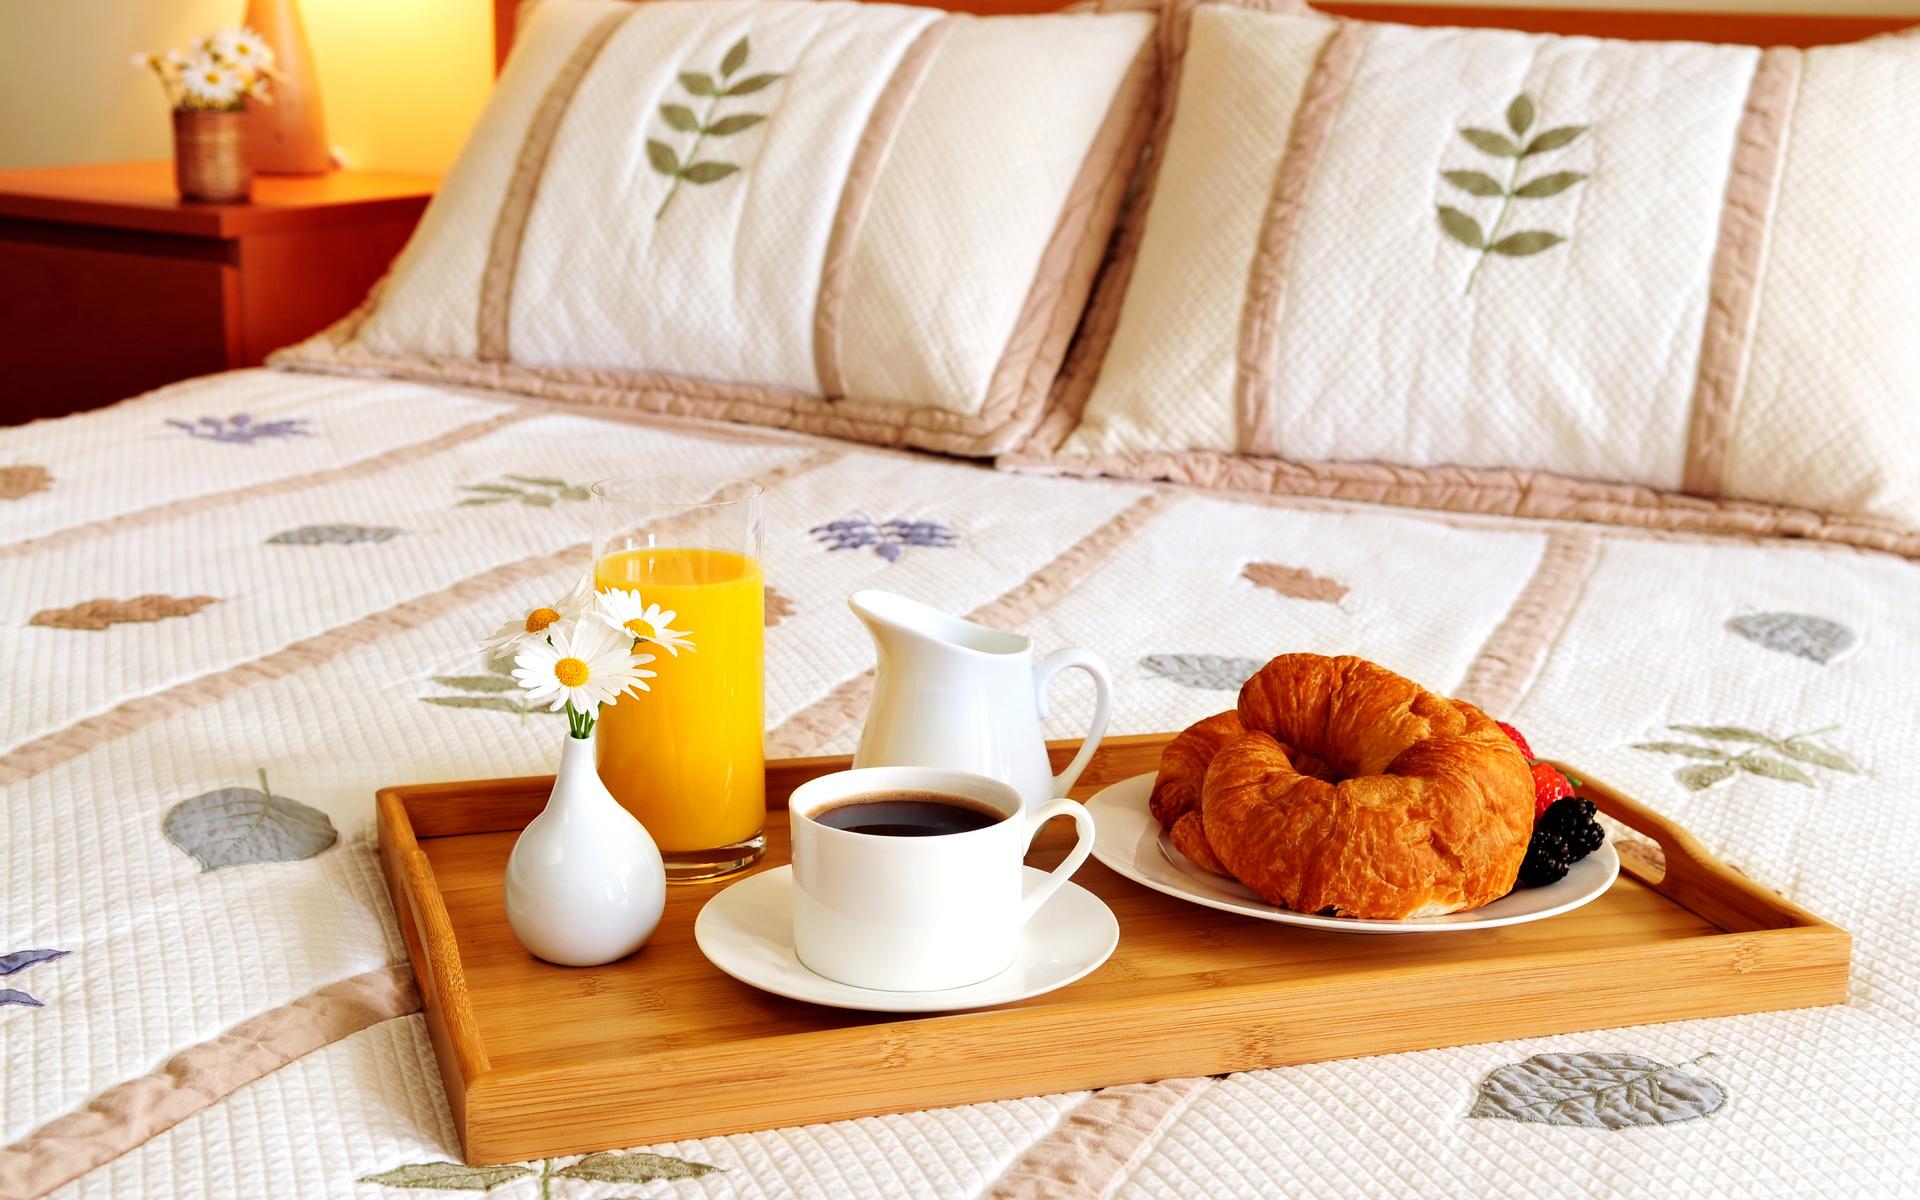 Ладошек, картинки кофе постель